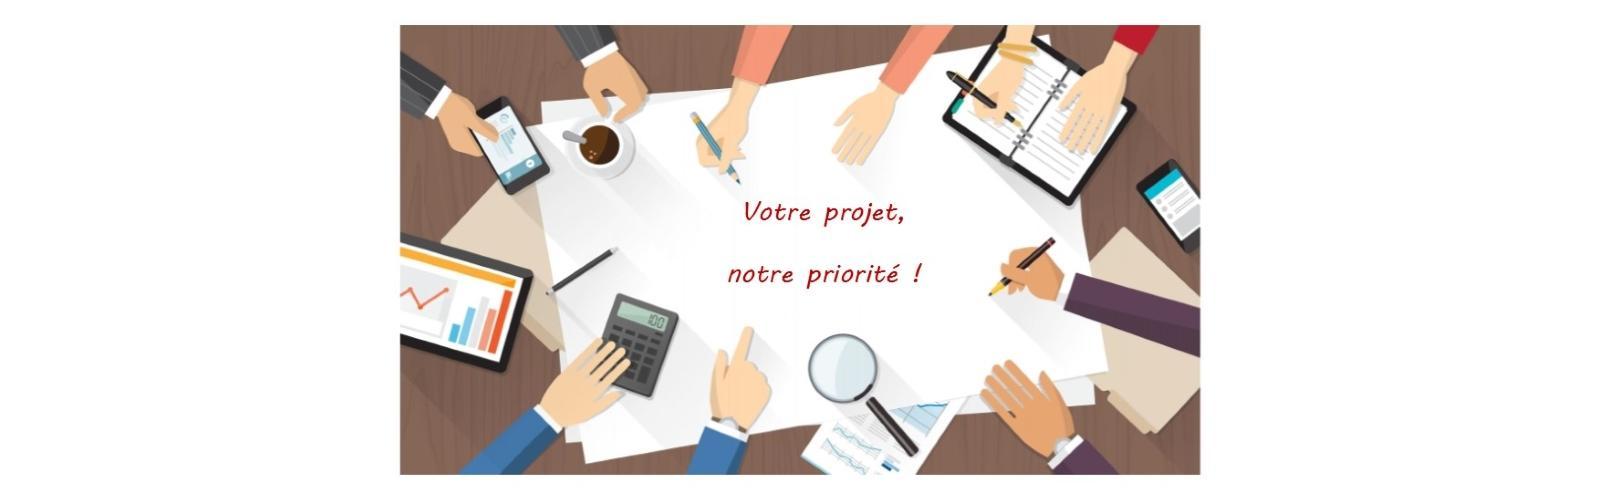 Projet client